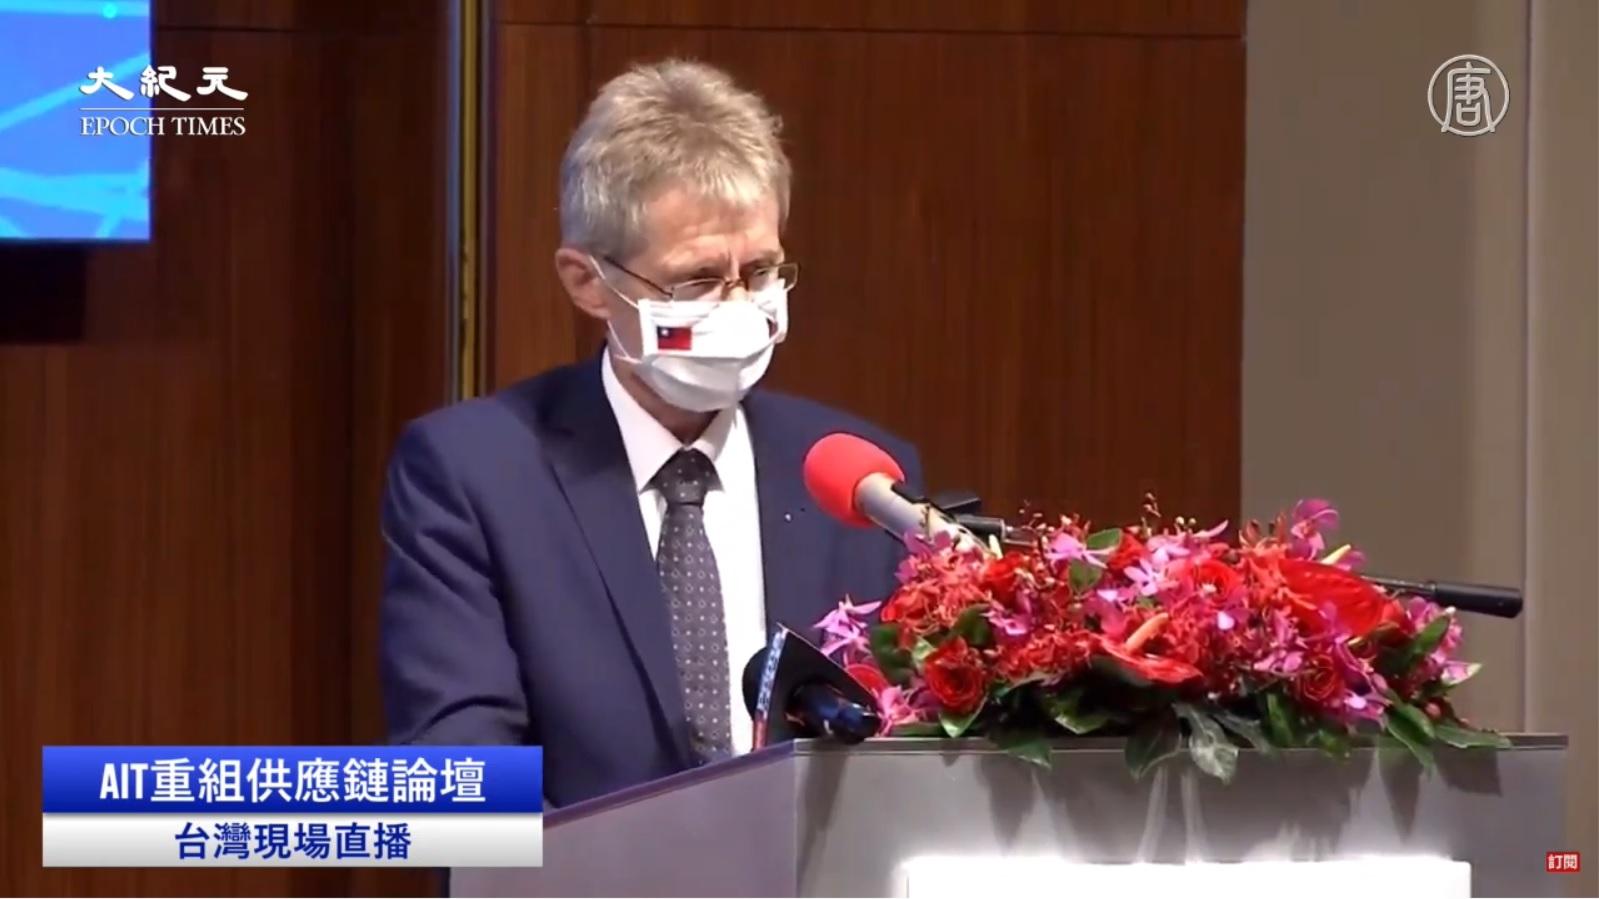 9月4日在台北召開的「重組供應鏈」論壇,世界最主要經濟體的美國、日本、歐盟都派代表參加,捷克議長維斯特奇爾(圖)也出席參與了該議題的討論。(影片擷圖)